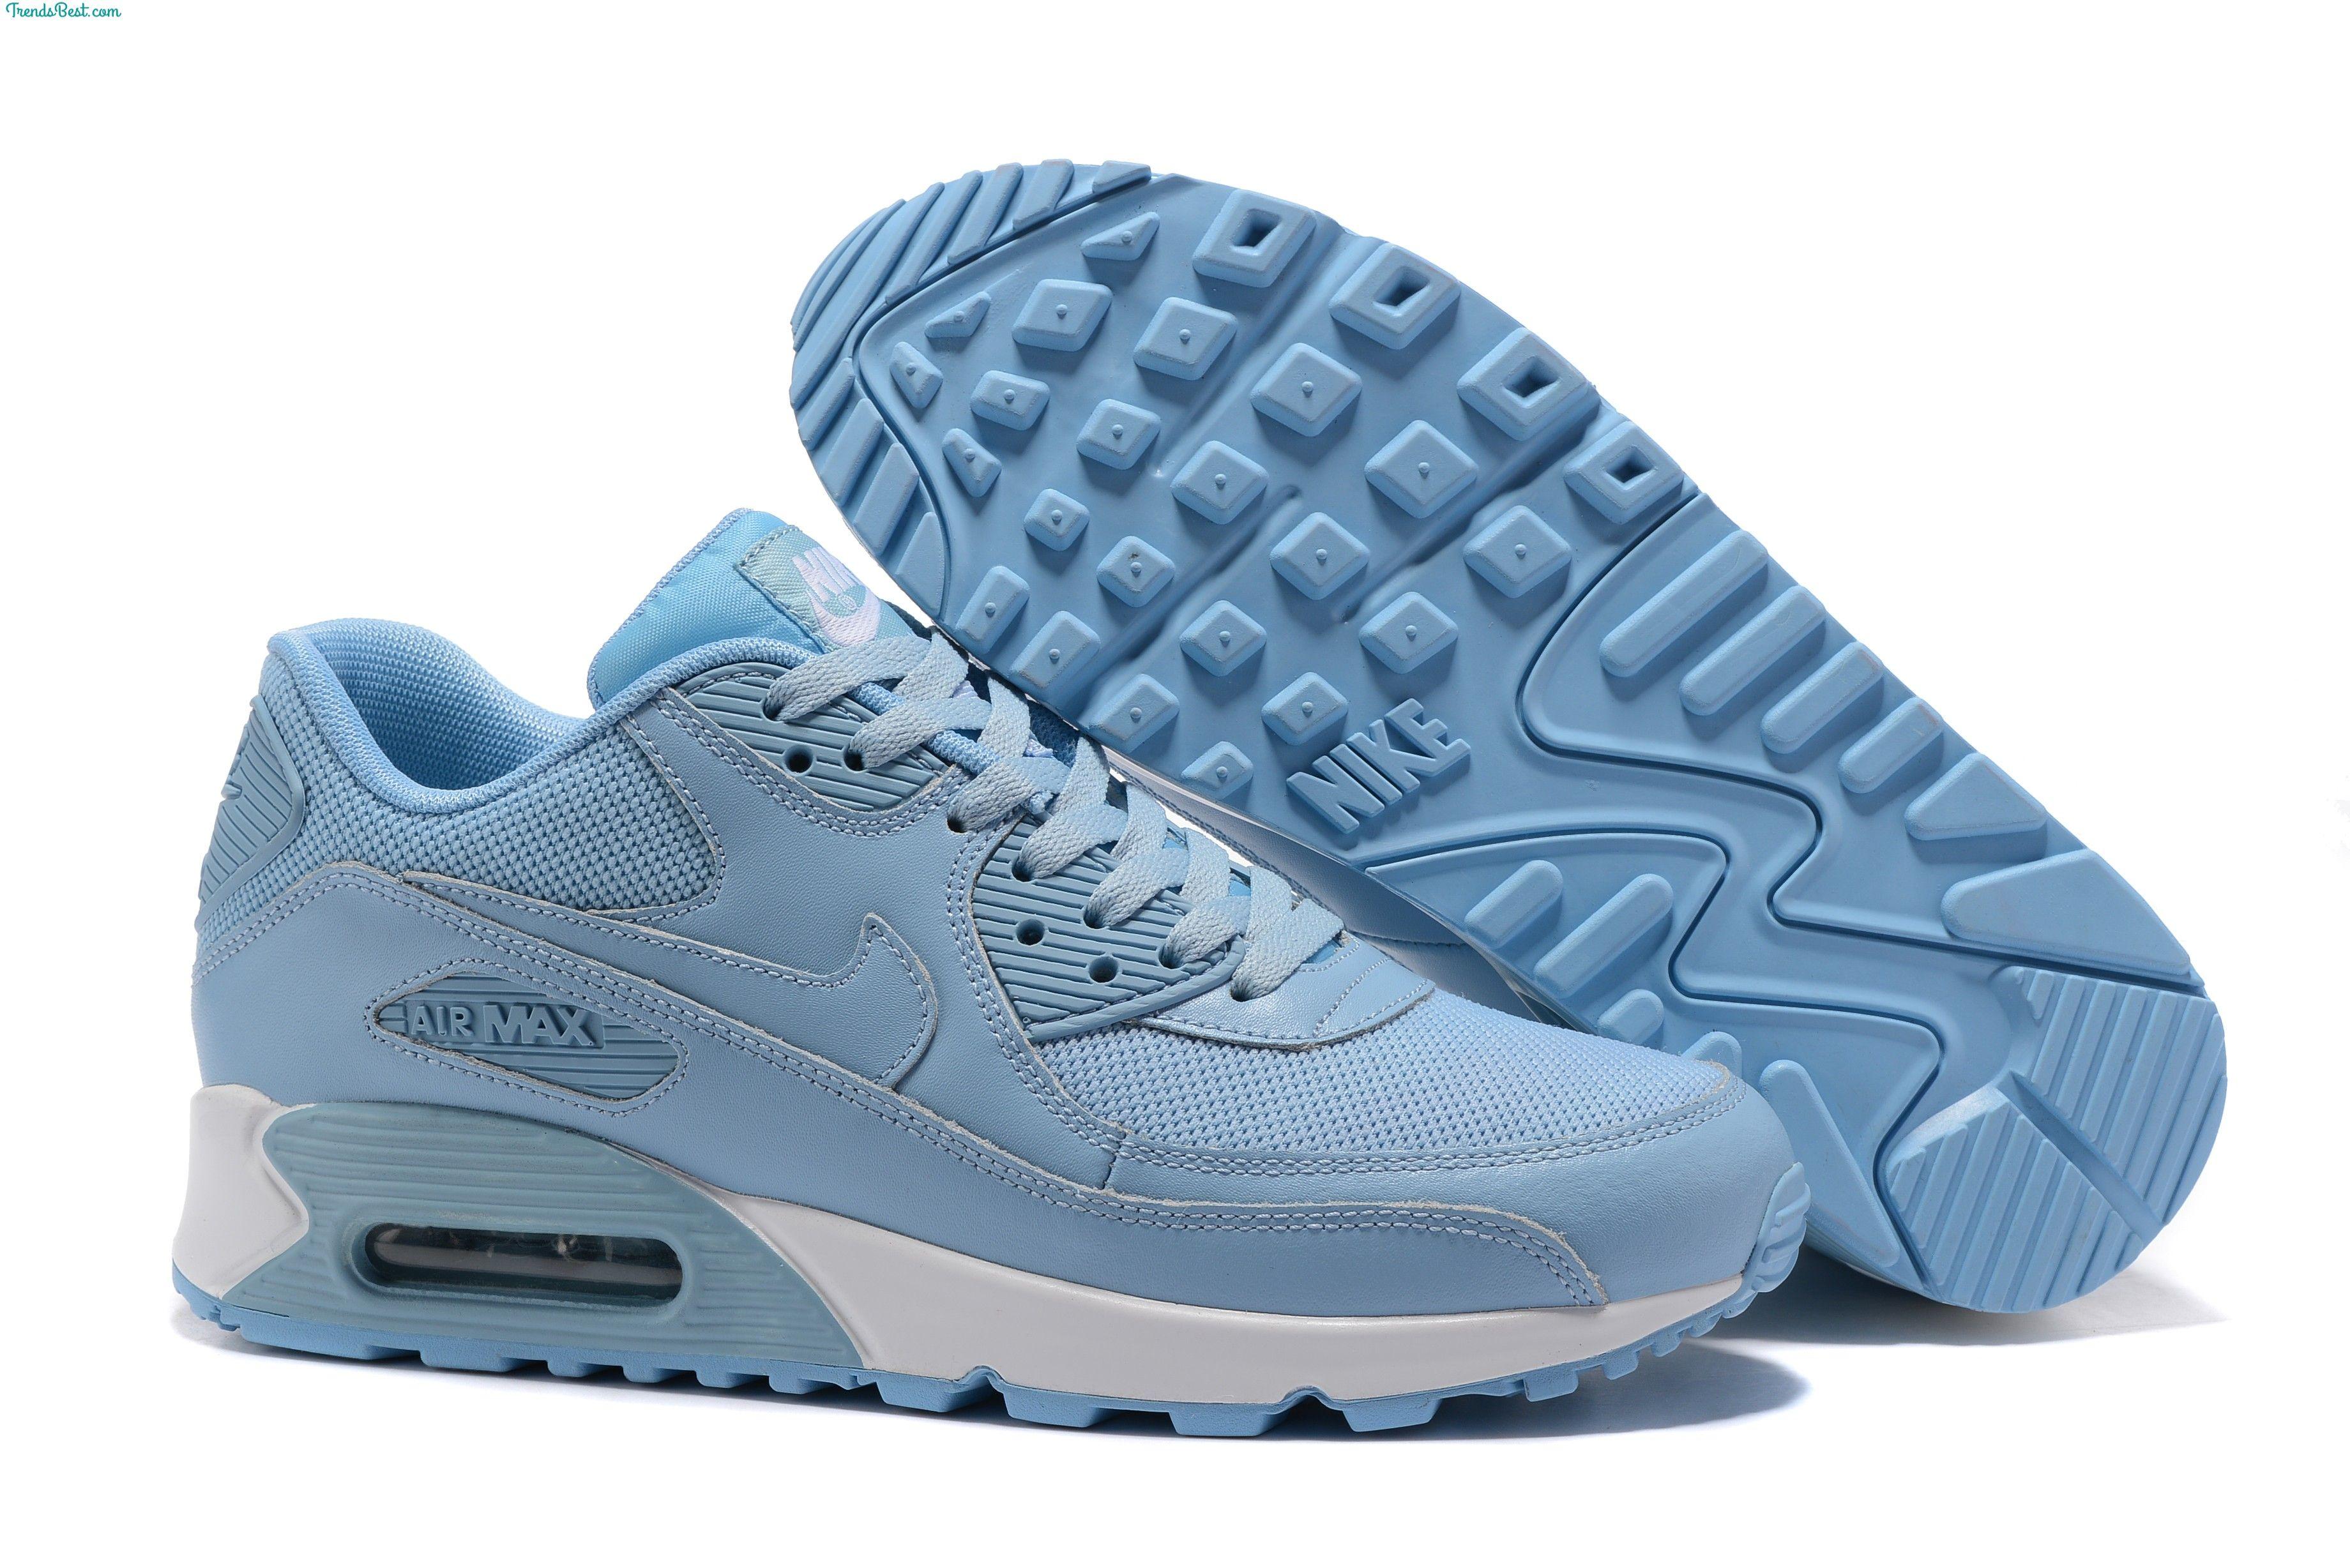 Mens Nike Air Max 90 Light Blue White Shoes | Nike air max ...